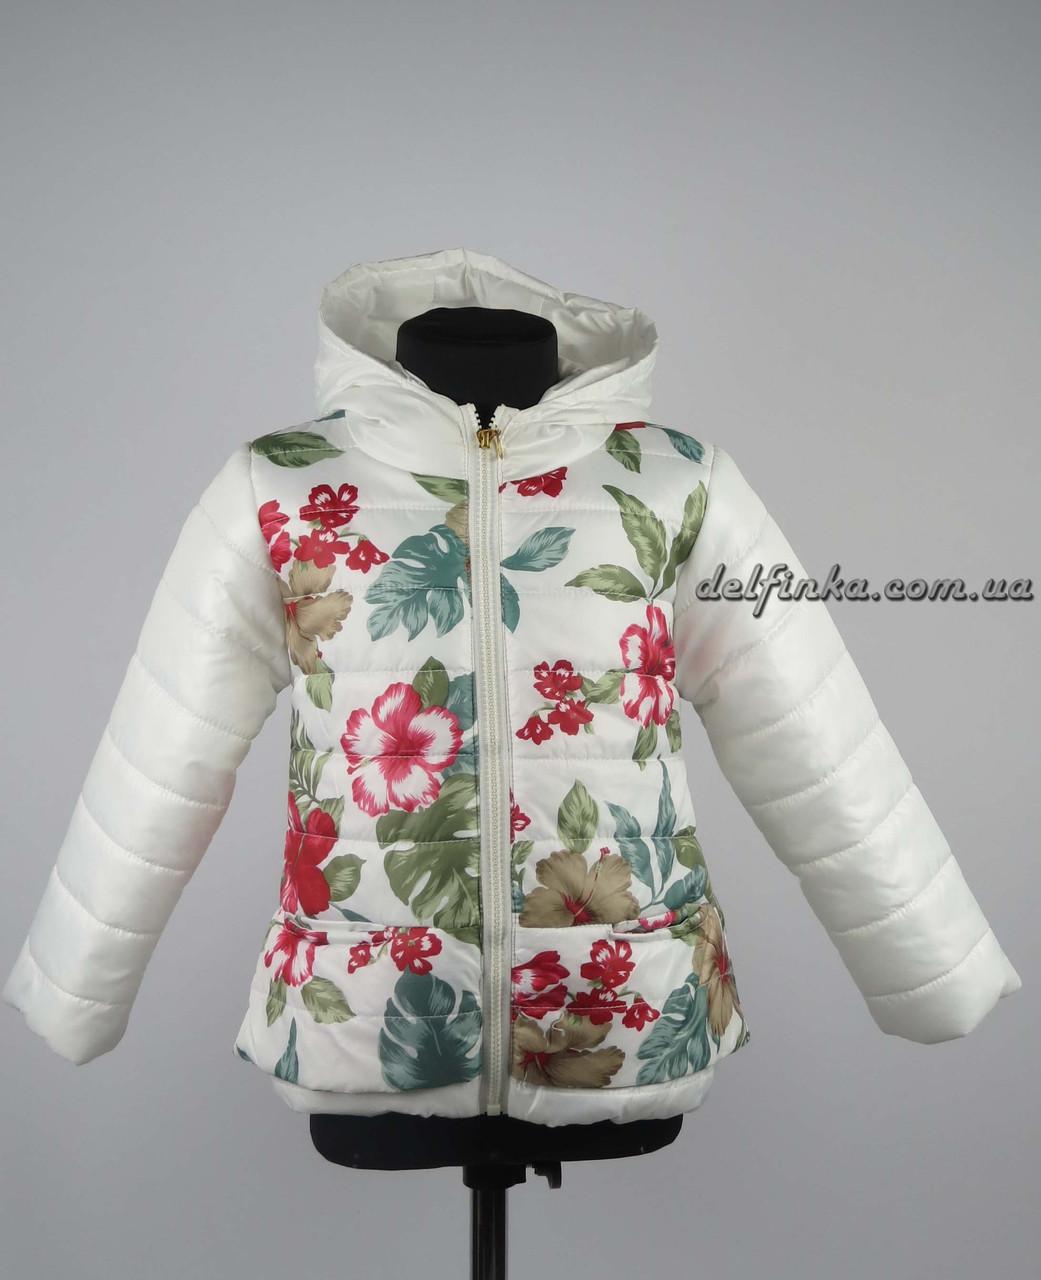 Куртка для девочек  демисизонная 3-6 лет цвет белая, фото 2